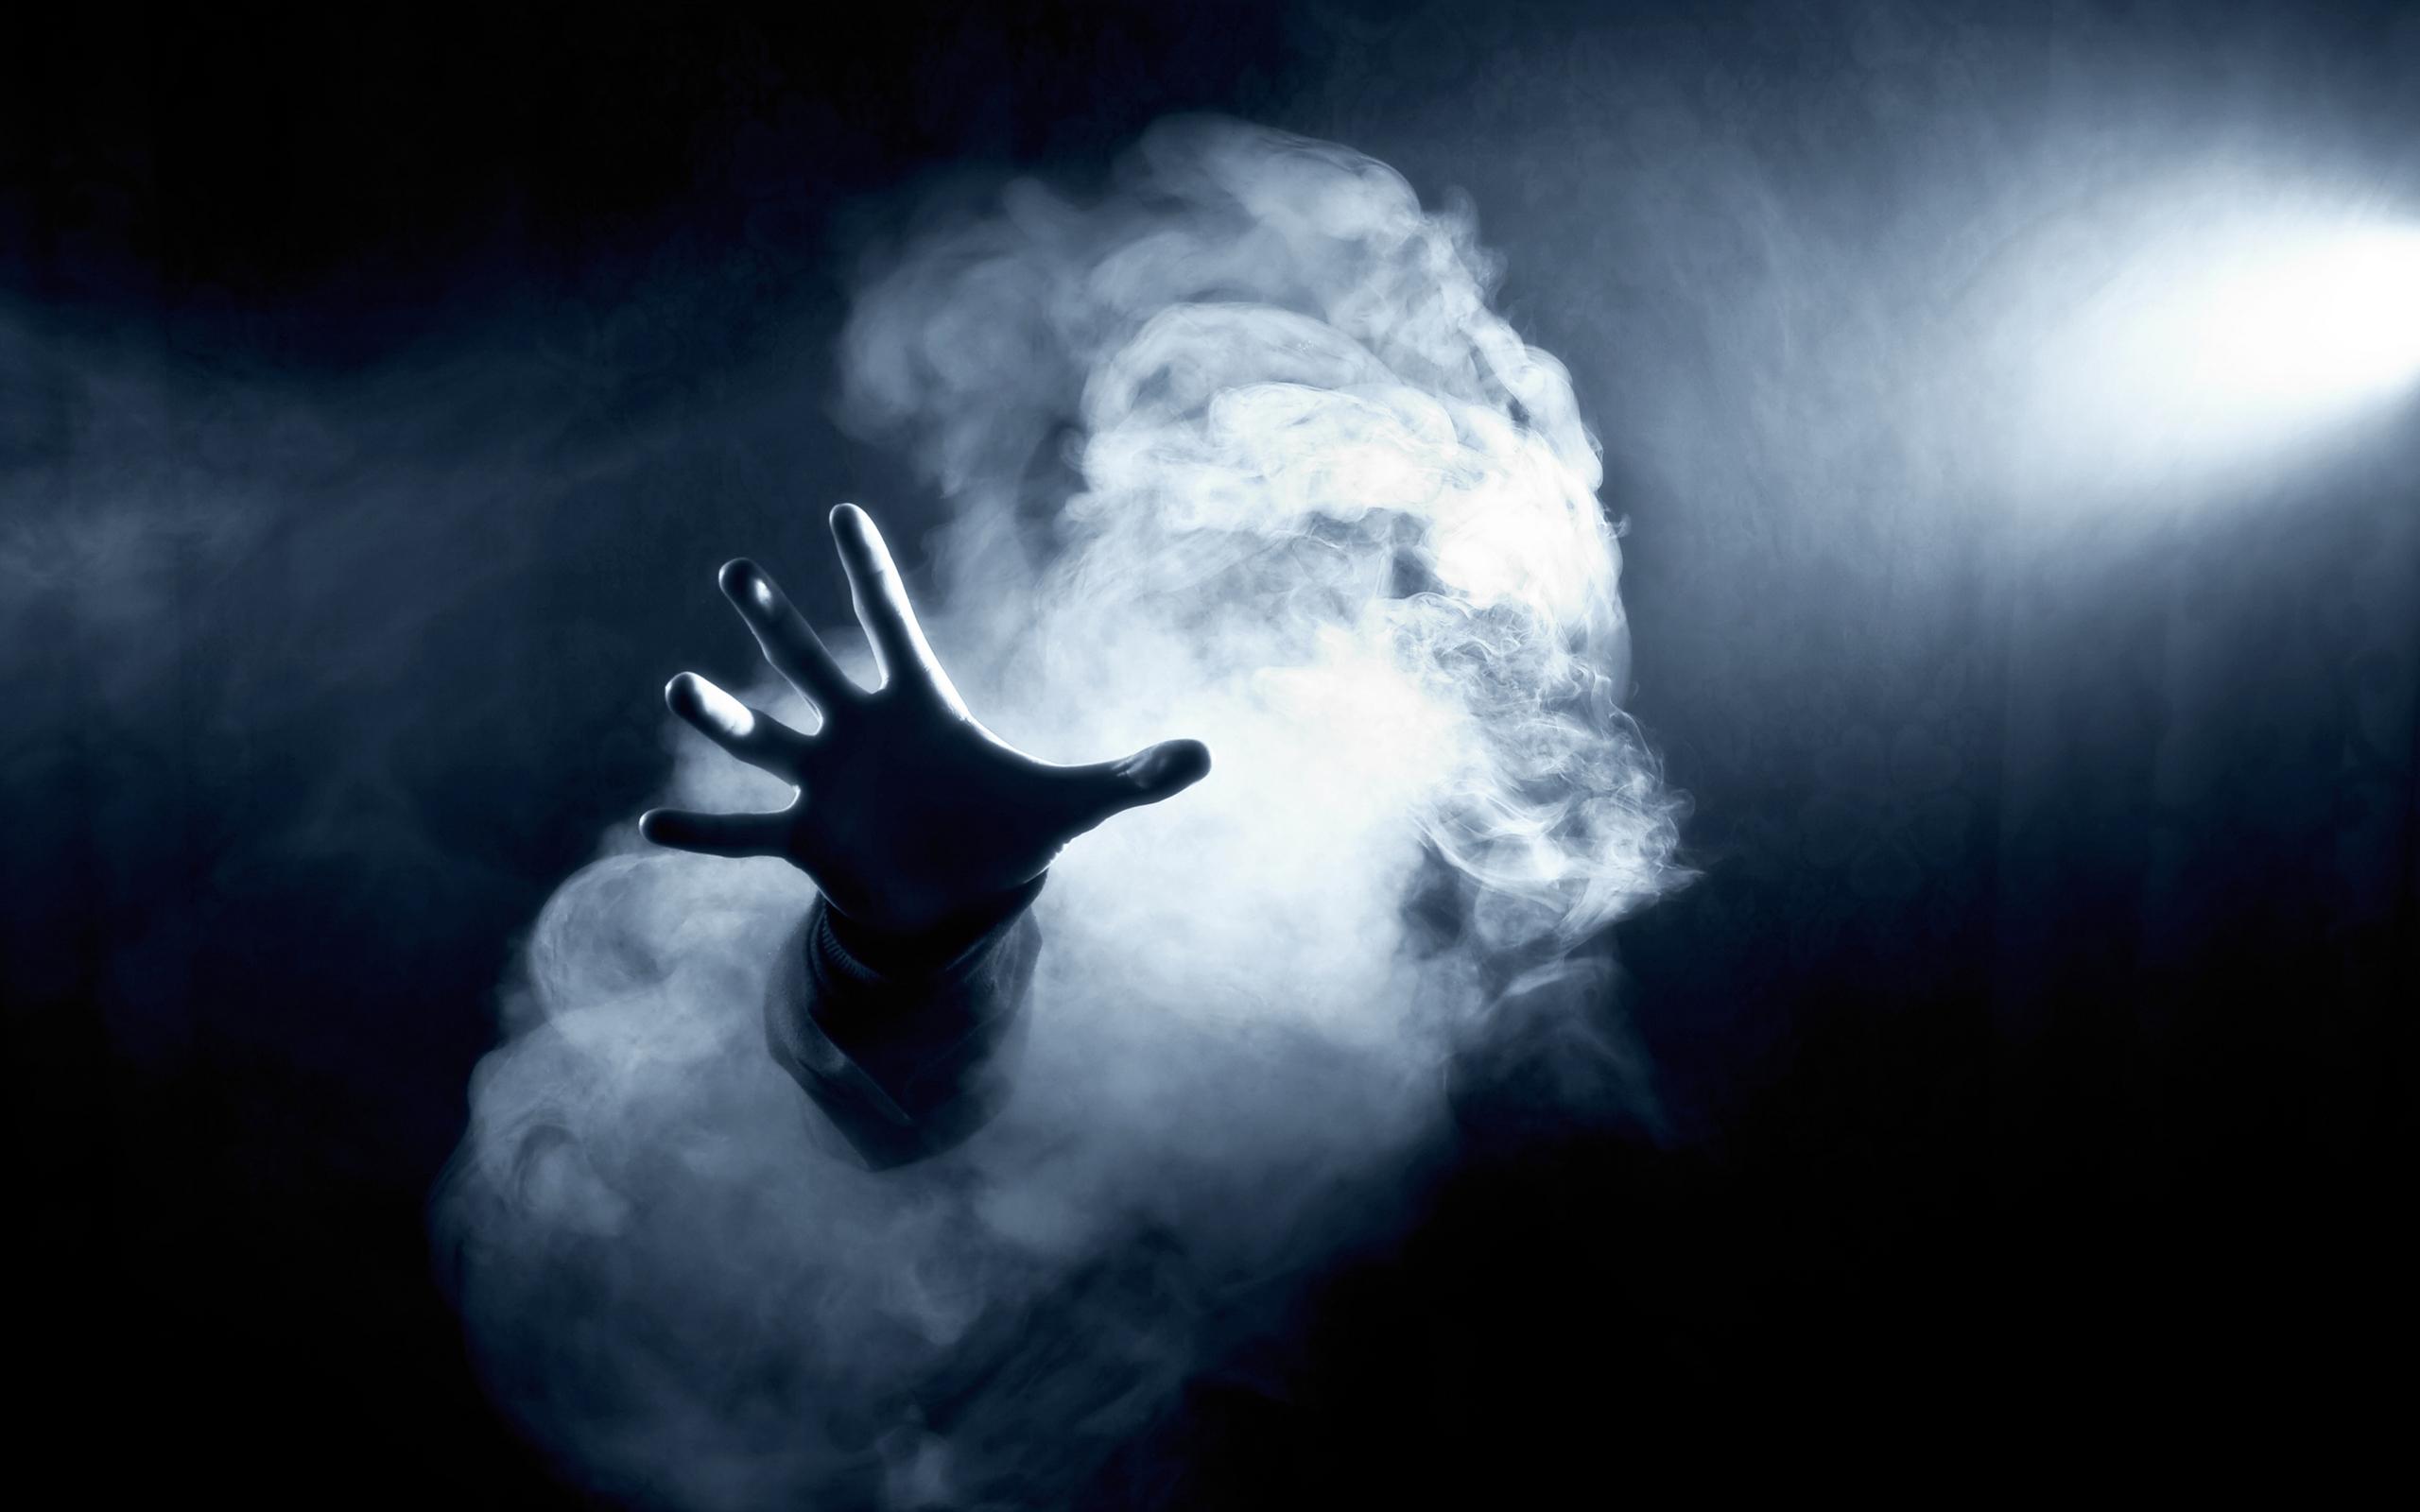 Los 100 mejores fotos de fantasmas 1